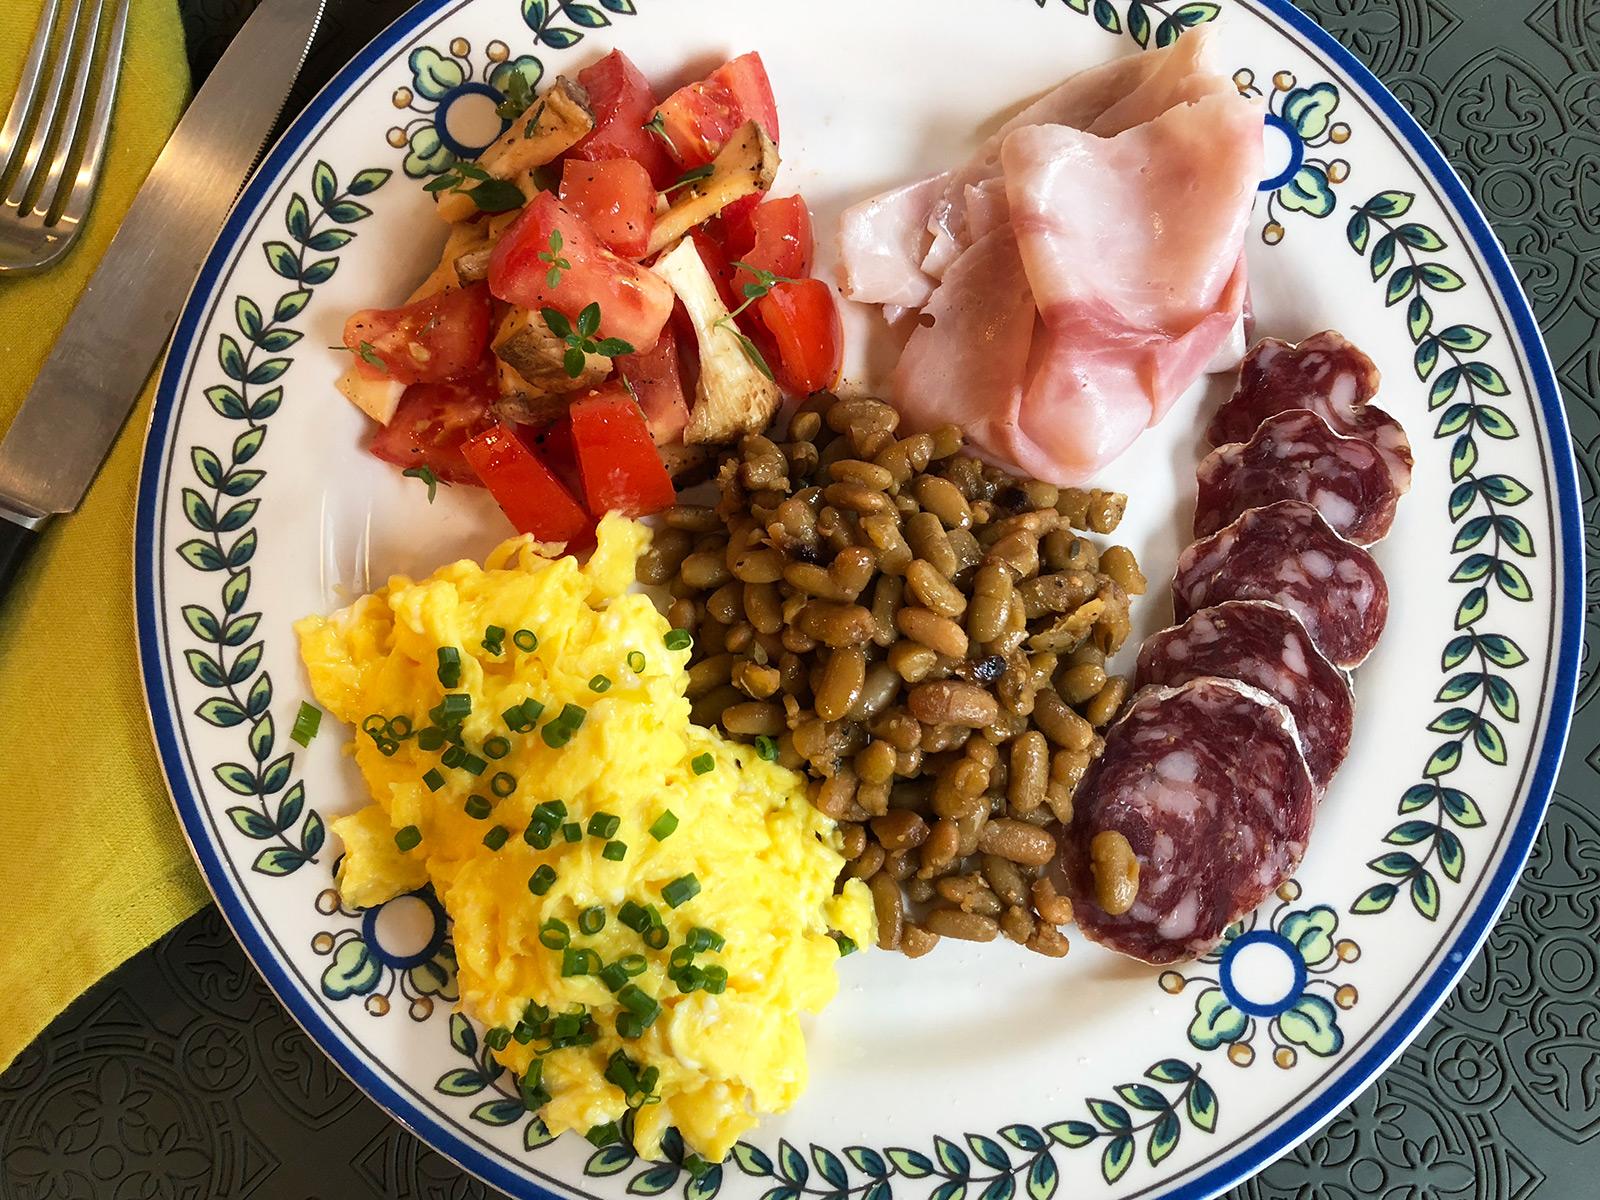 full-french-breakfast-overhead.jpg